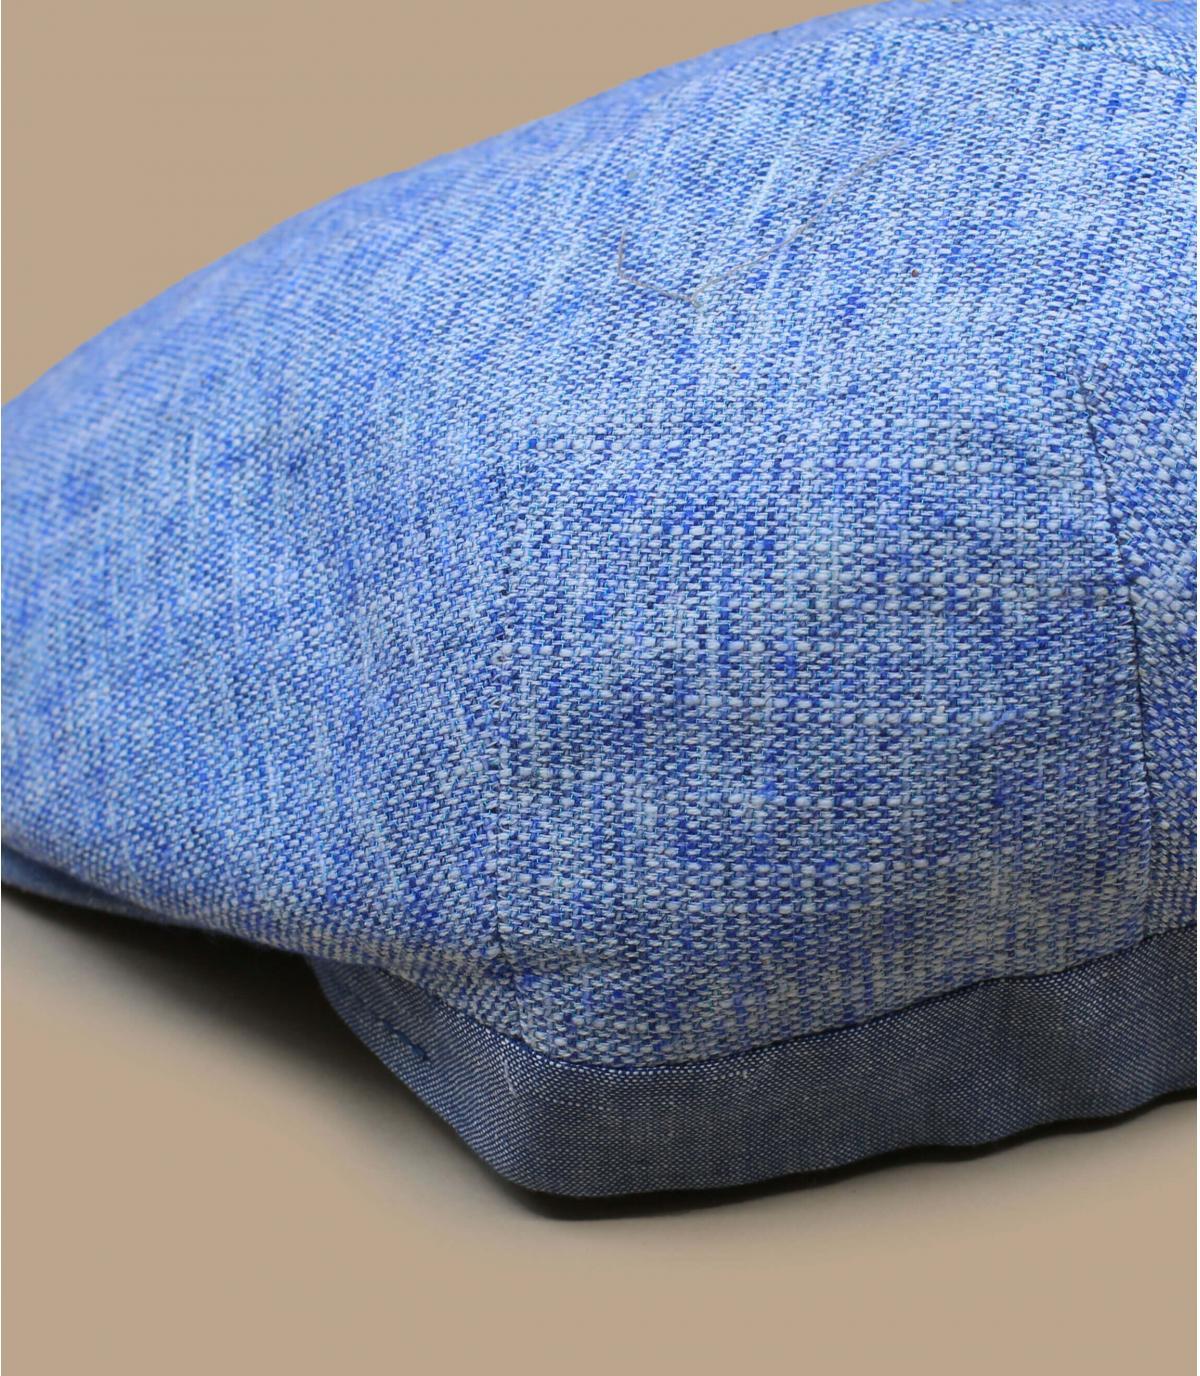 Details Rayan bleu - Abbildung 2